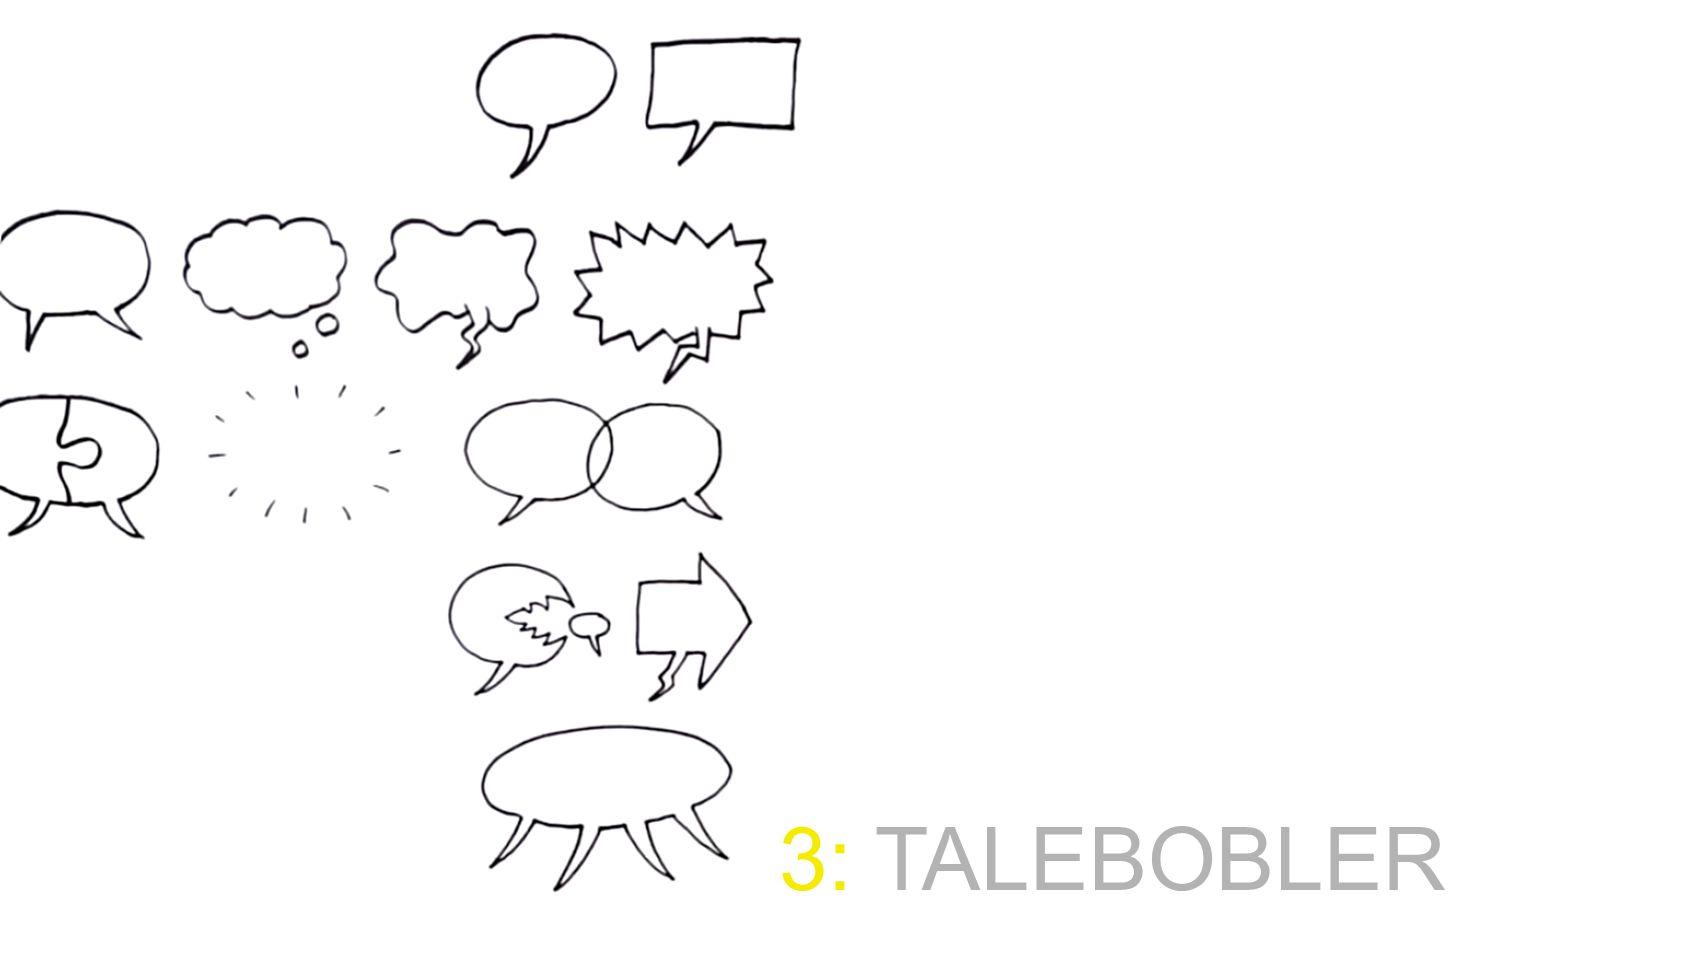 3: TALEBOBLER